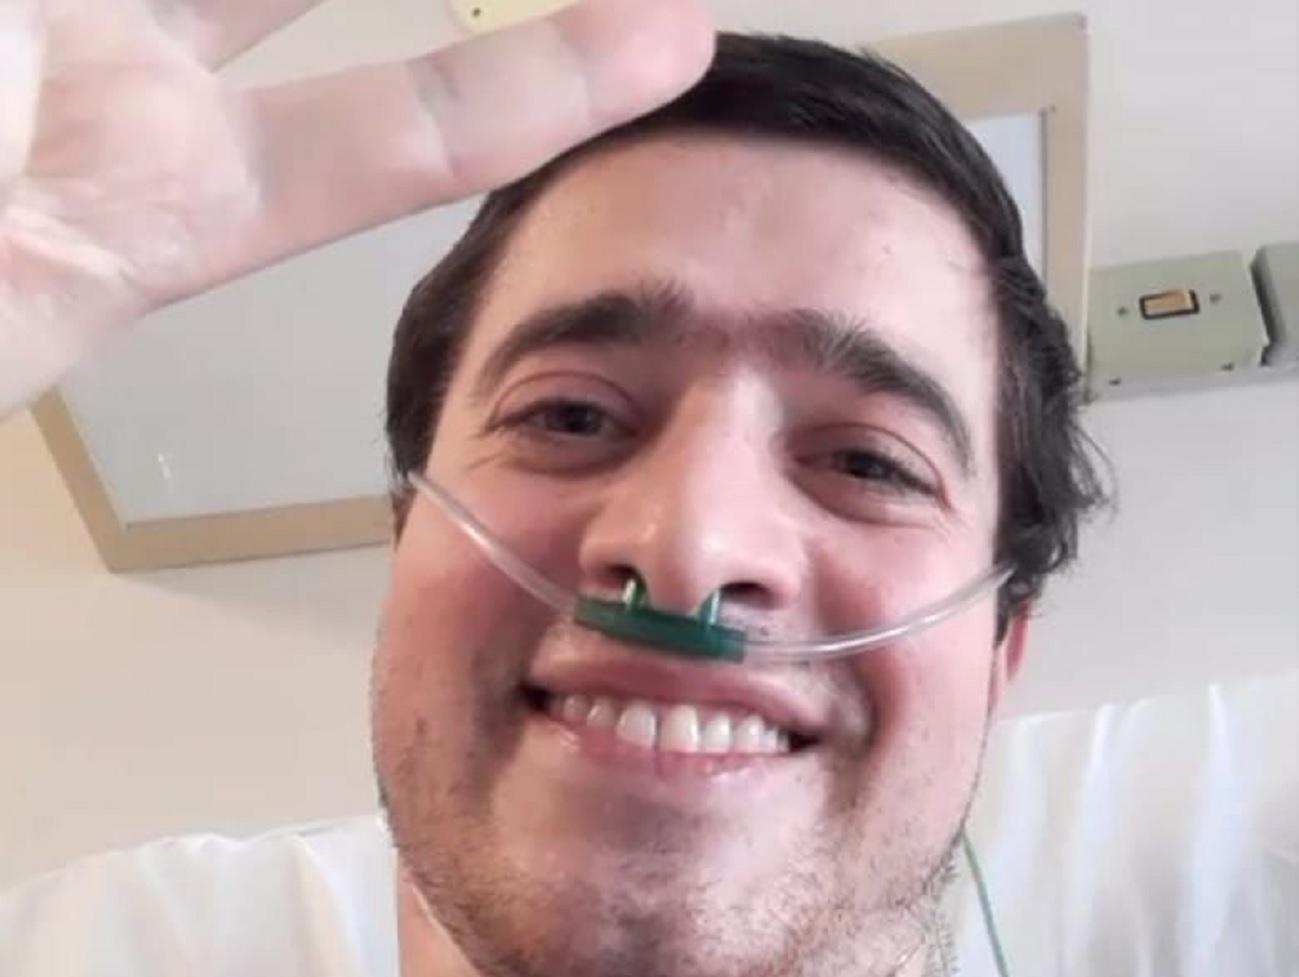 Bento-gonçalvense é o nº 1 da fila de transplantes de pulmão no RS